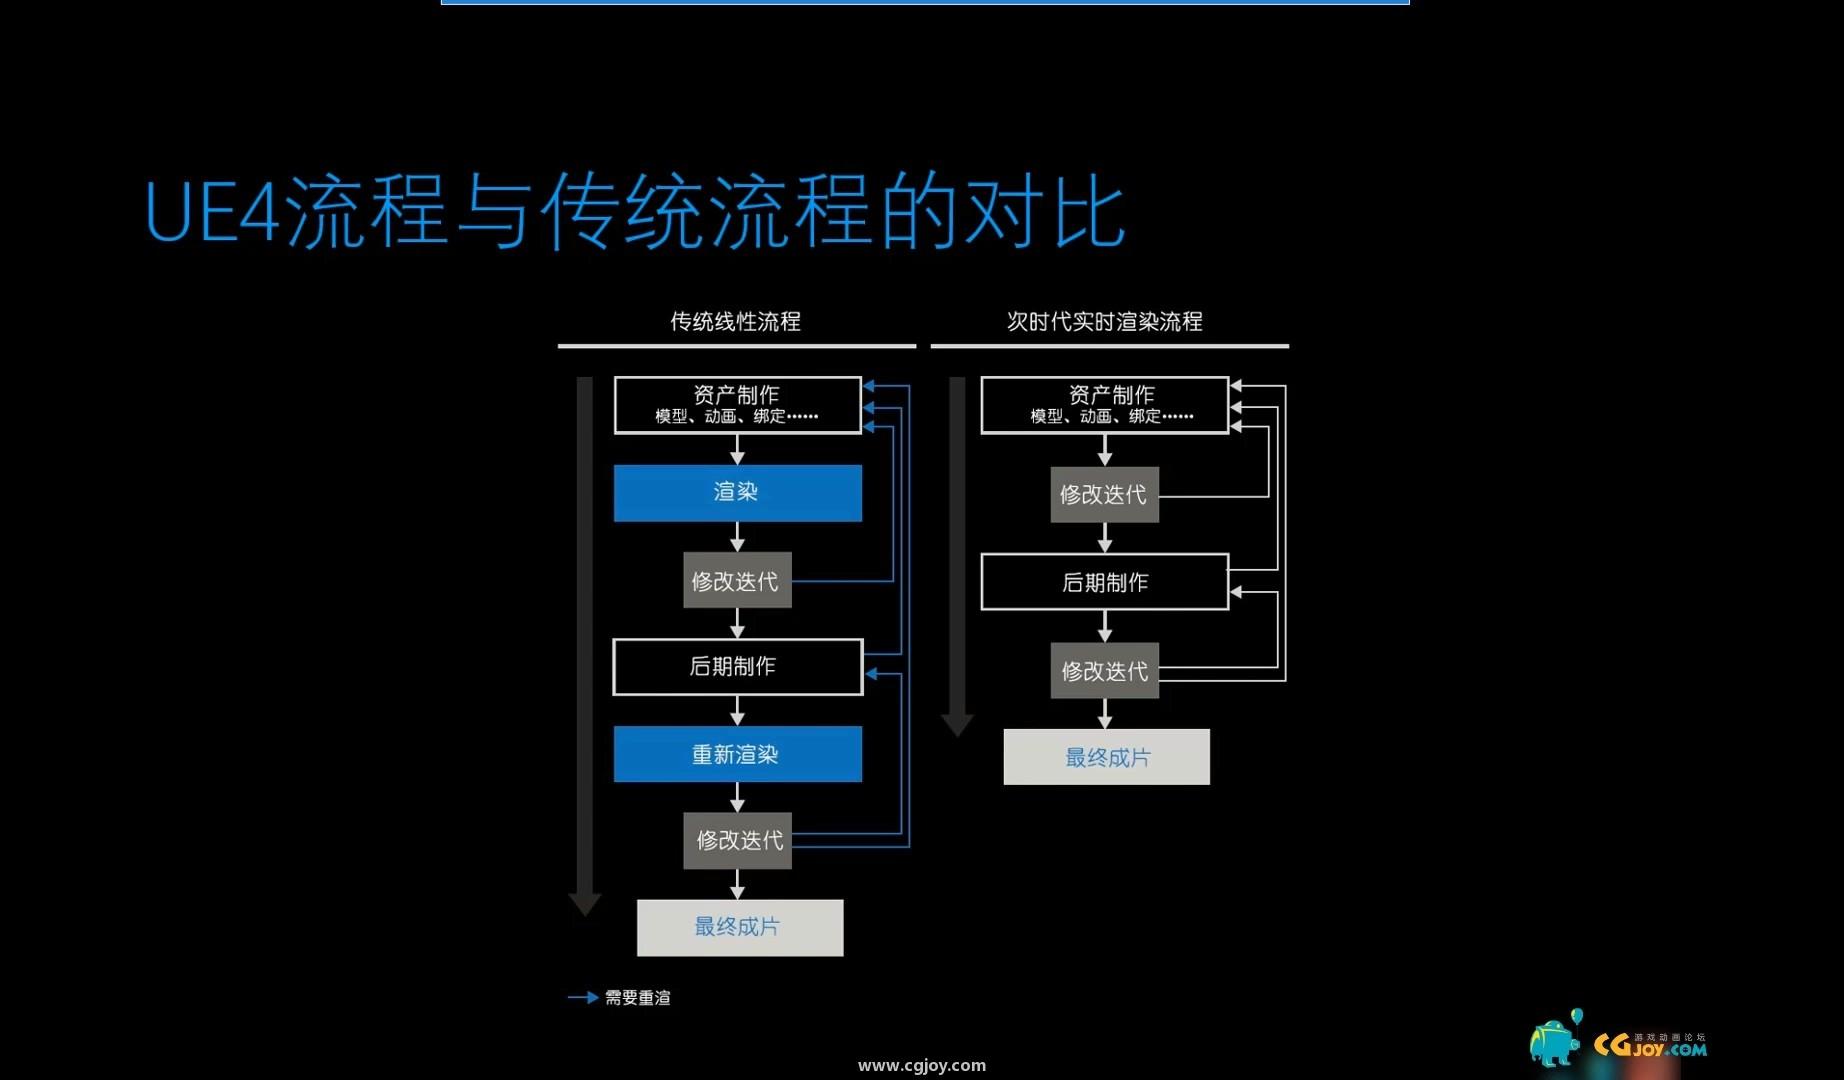 《虚幻引擎CG制作技术》——虚幻引擎的优势及界面介绍.mp4_20200102_231217.345.jpg